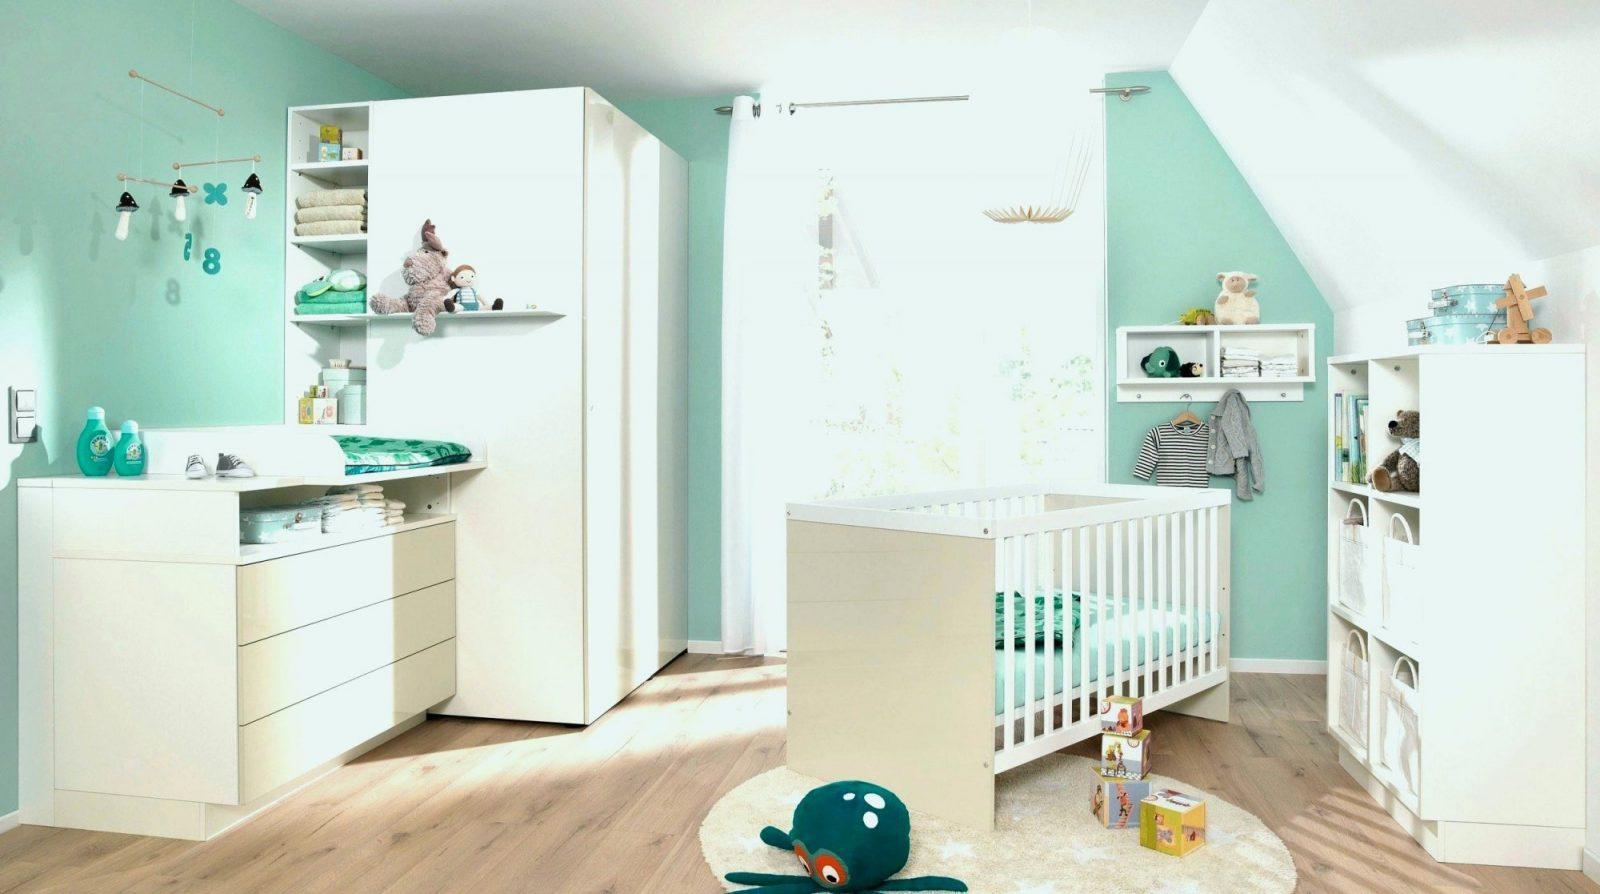 Gesucht Babyzimmer Streichen Gelb Schön 23 Kinderzimmer von Babyzimmer Streichen Ideen Bilder Photo